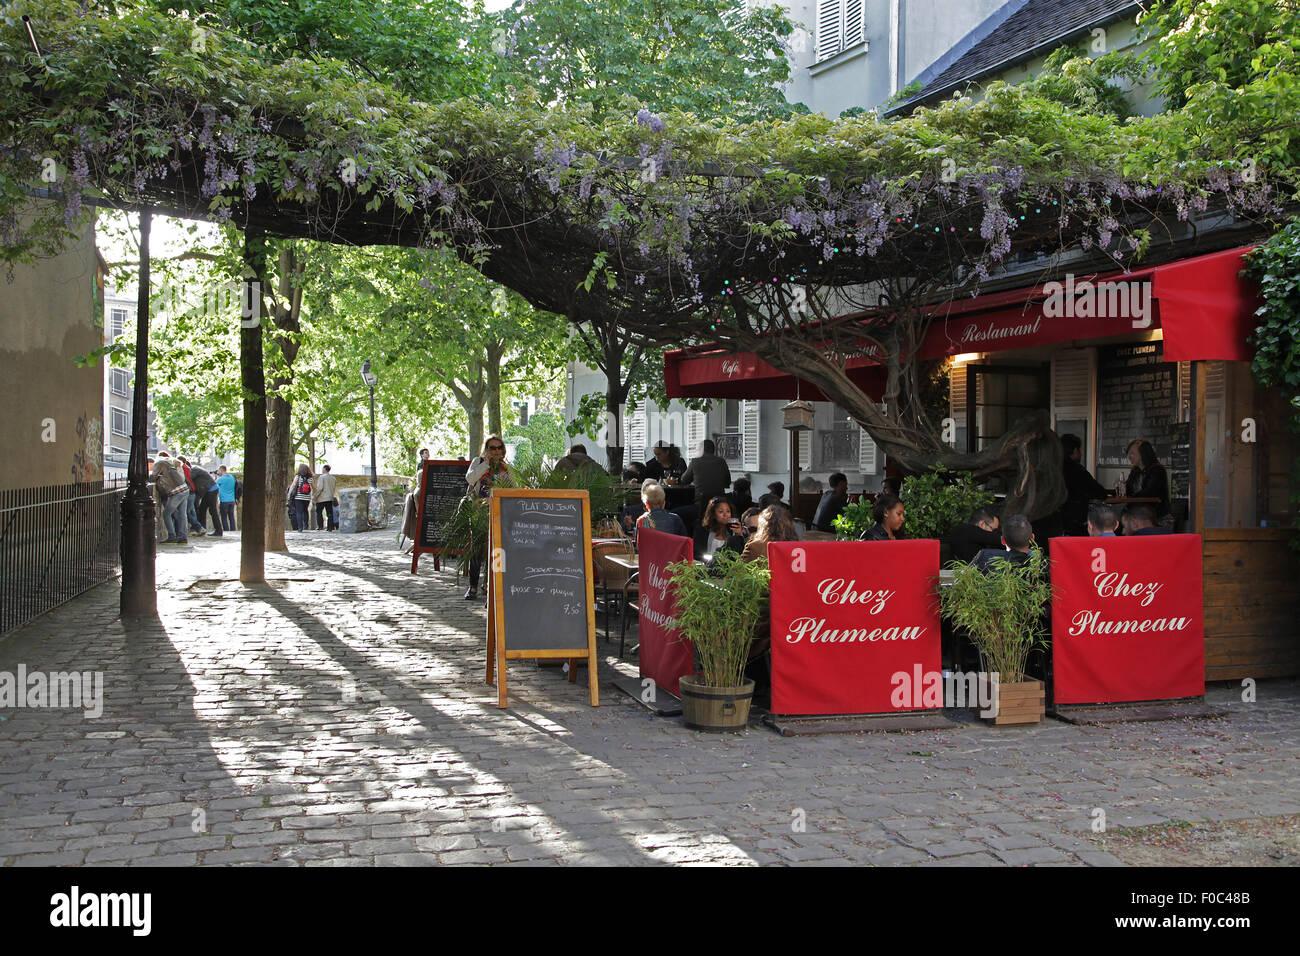 Restaurant Chez Plumeau Paris Place du Calvaire Montmartre near the Sacre Coeur.France - Stock Image